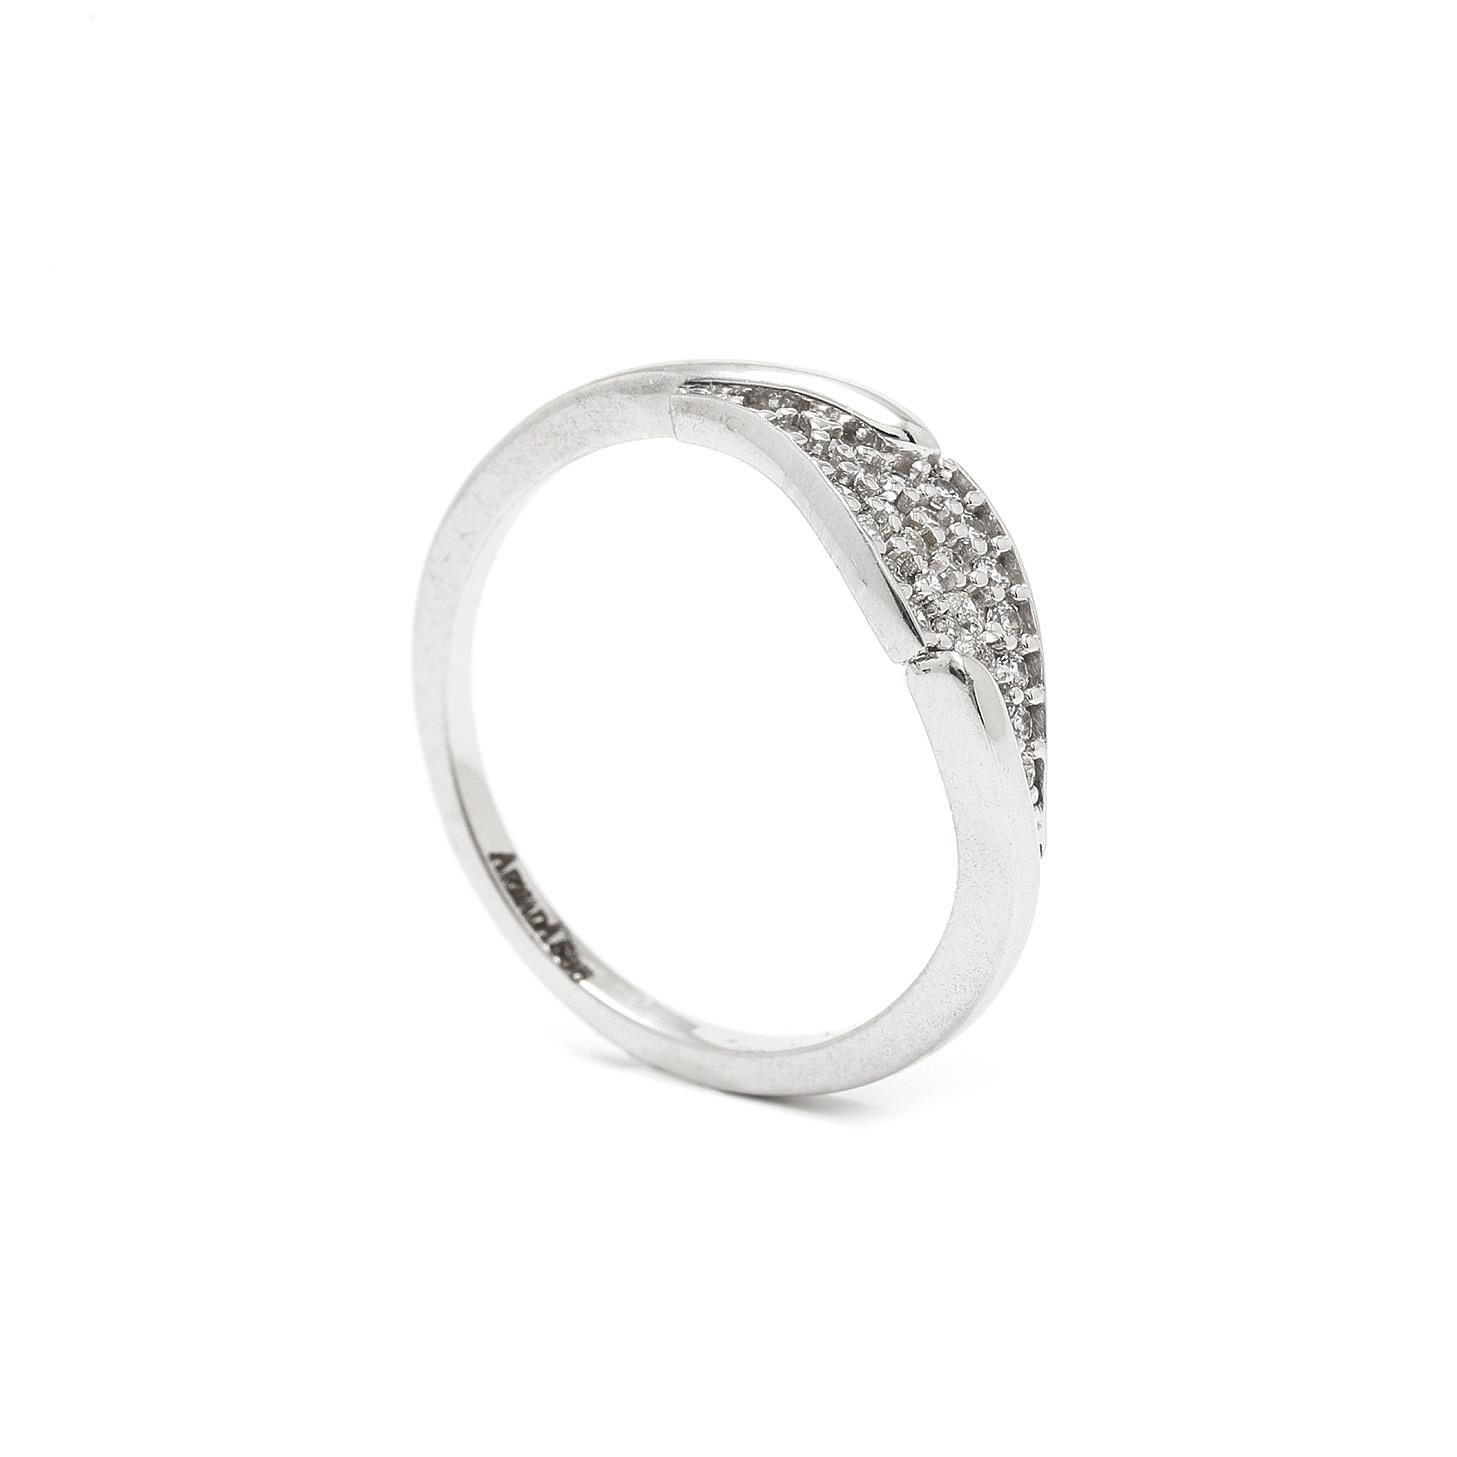 Zlatý dámsky prsteň VYVIAN